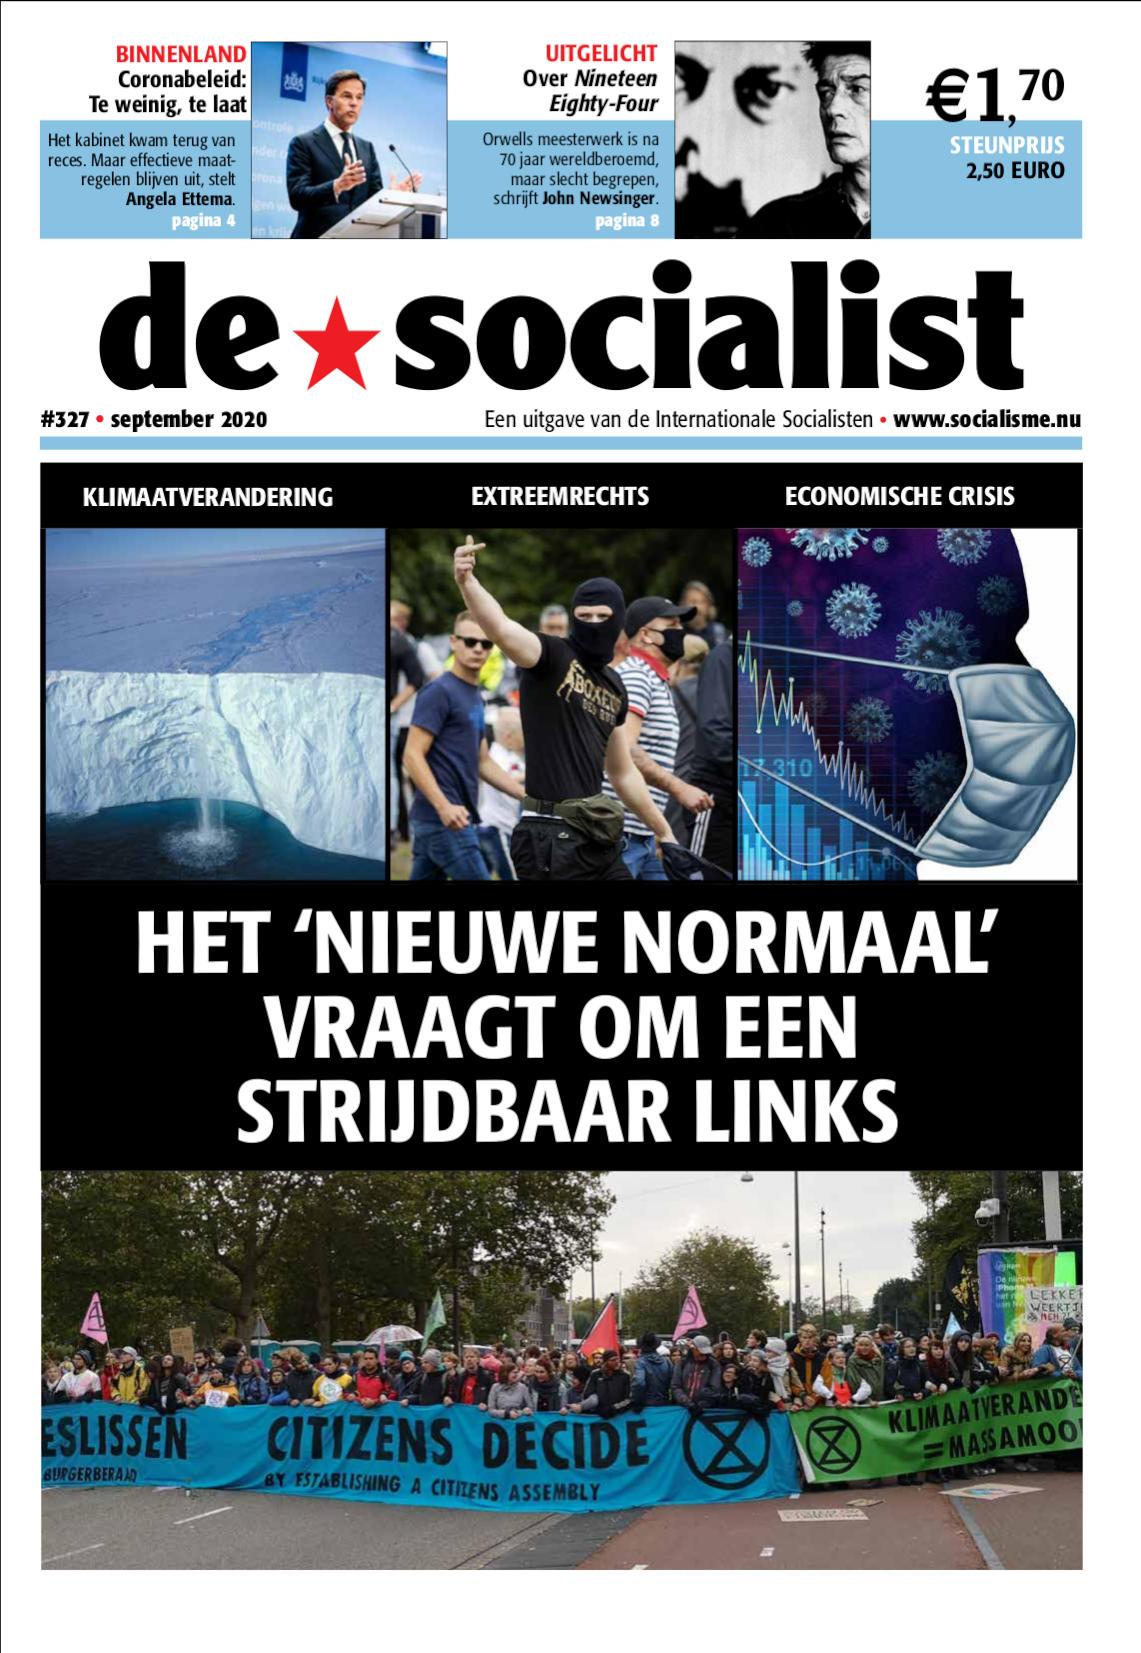 #327 - Het 'nieuwe normaal' vraagt om een strijdbaar links